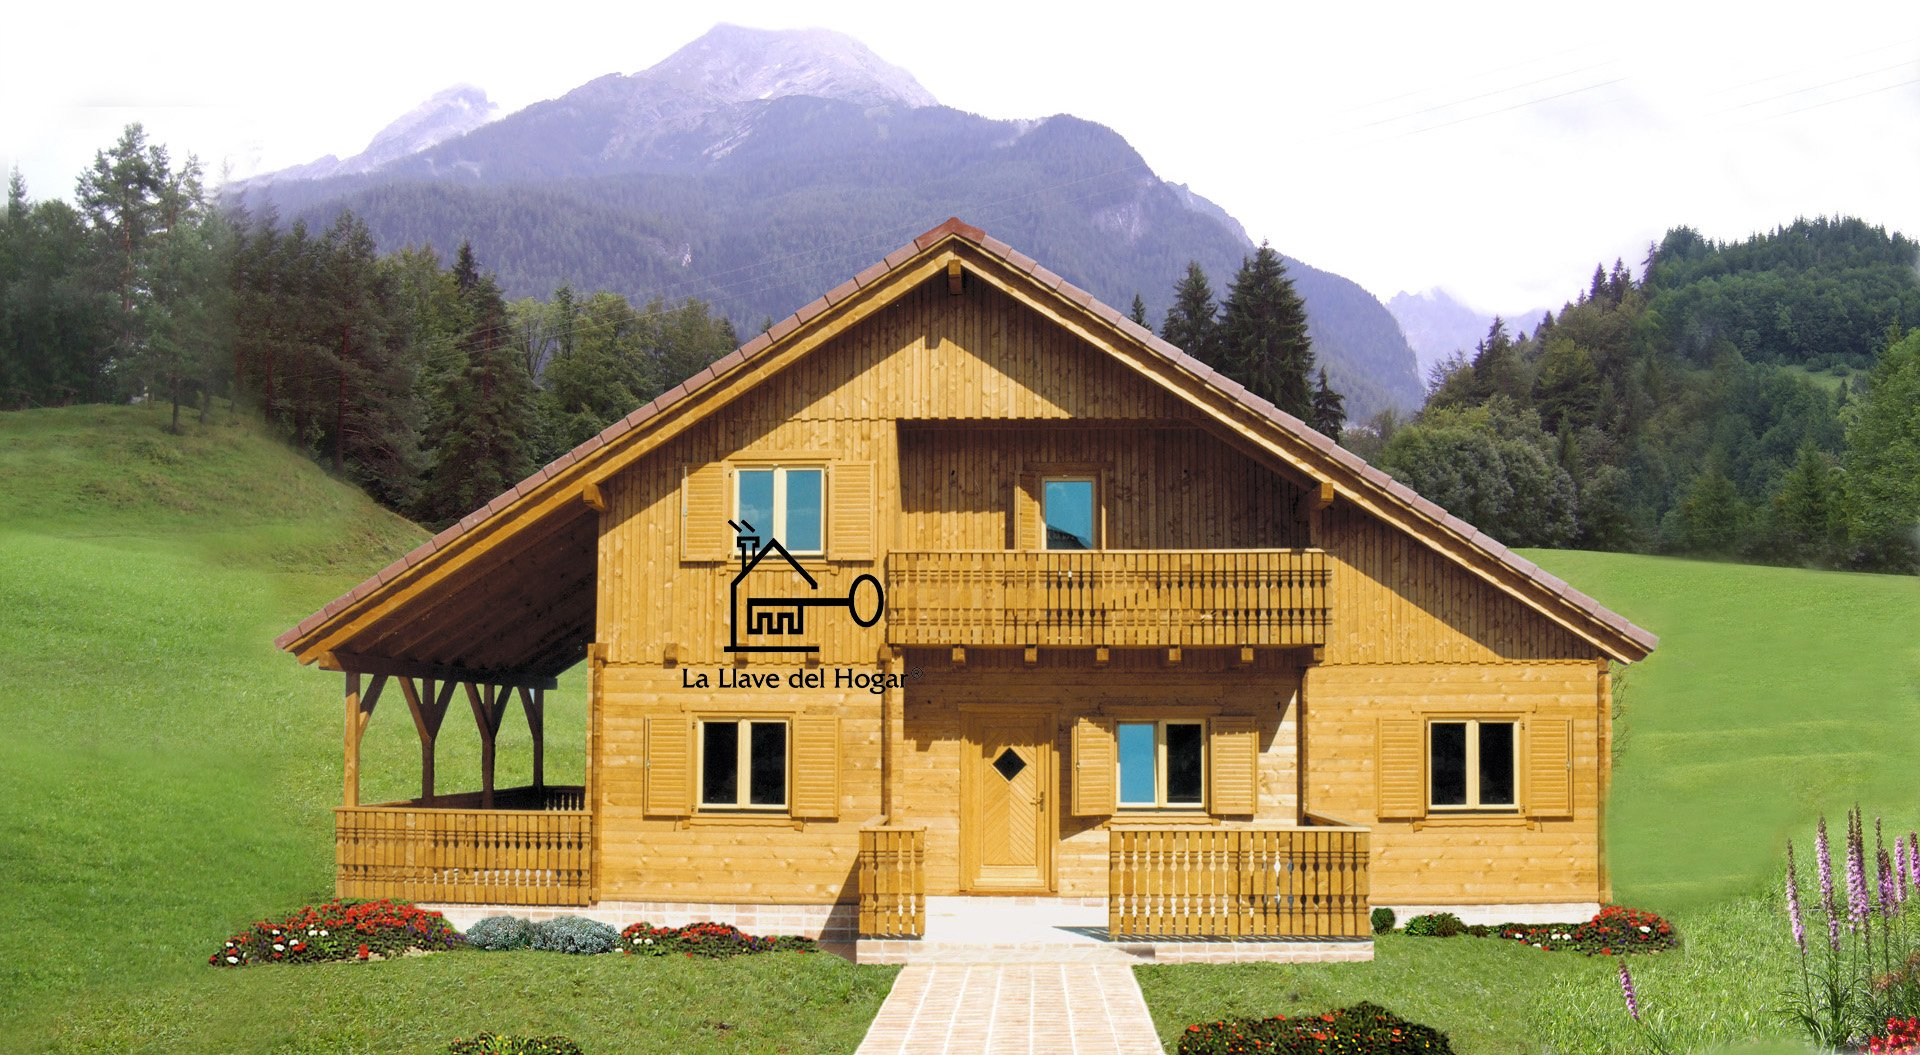 La llave del hogar casas de madera y entramado ligero - Casaa de madera ...